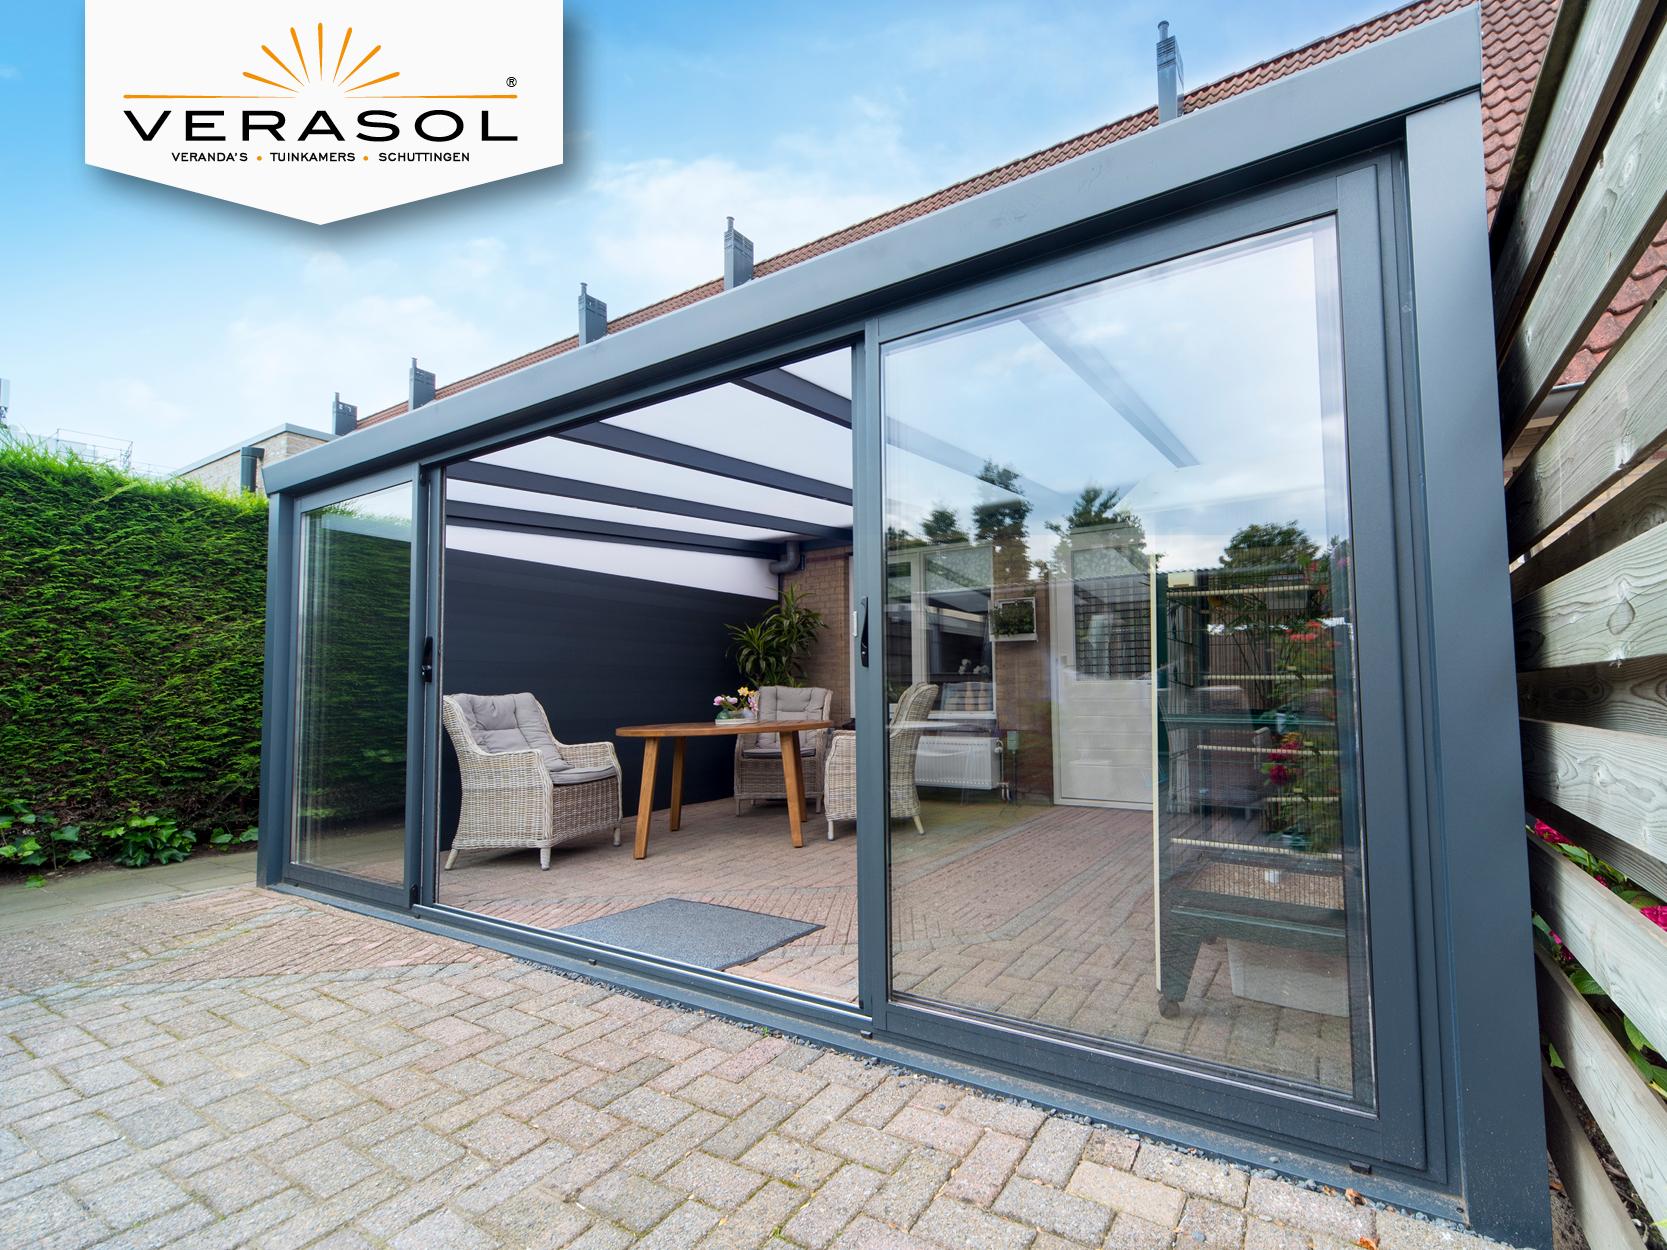 De aluminium tuinkamers van Verasol® zijn voorzien van schuifdeuren ...